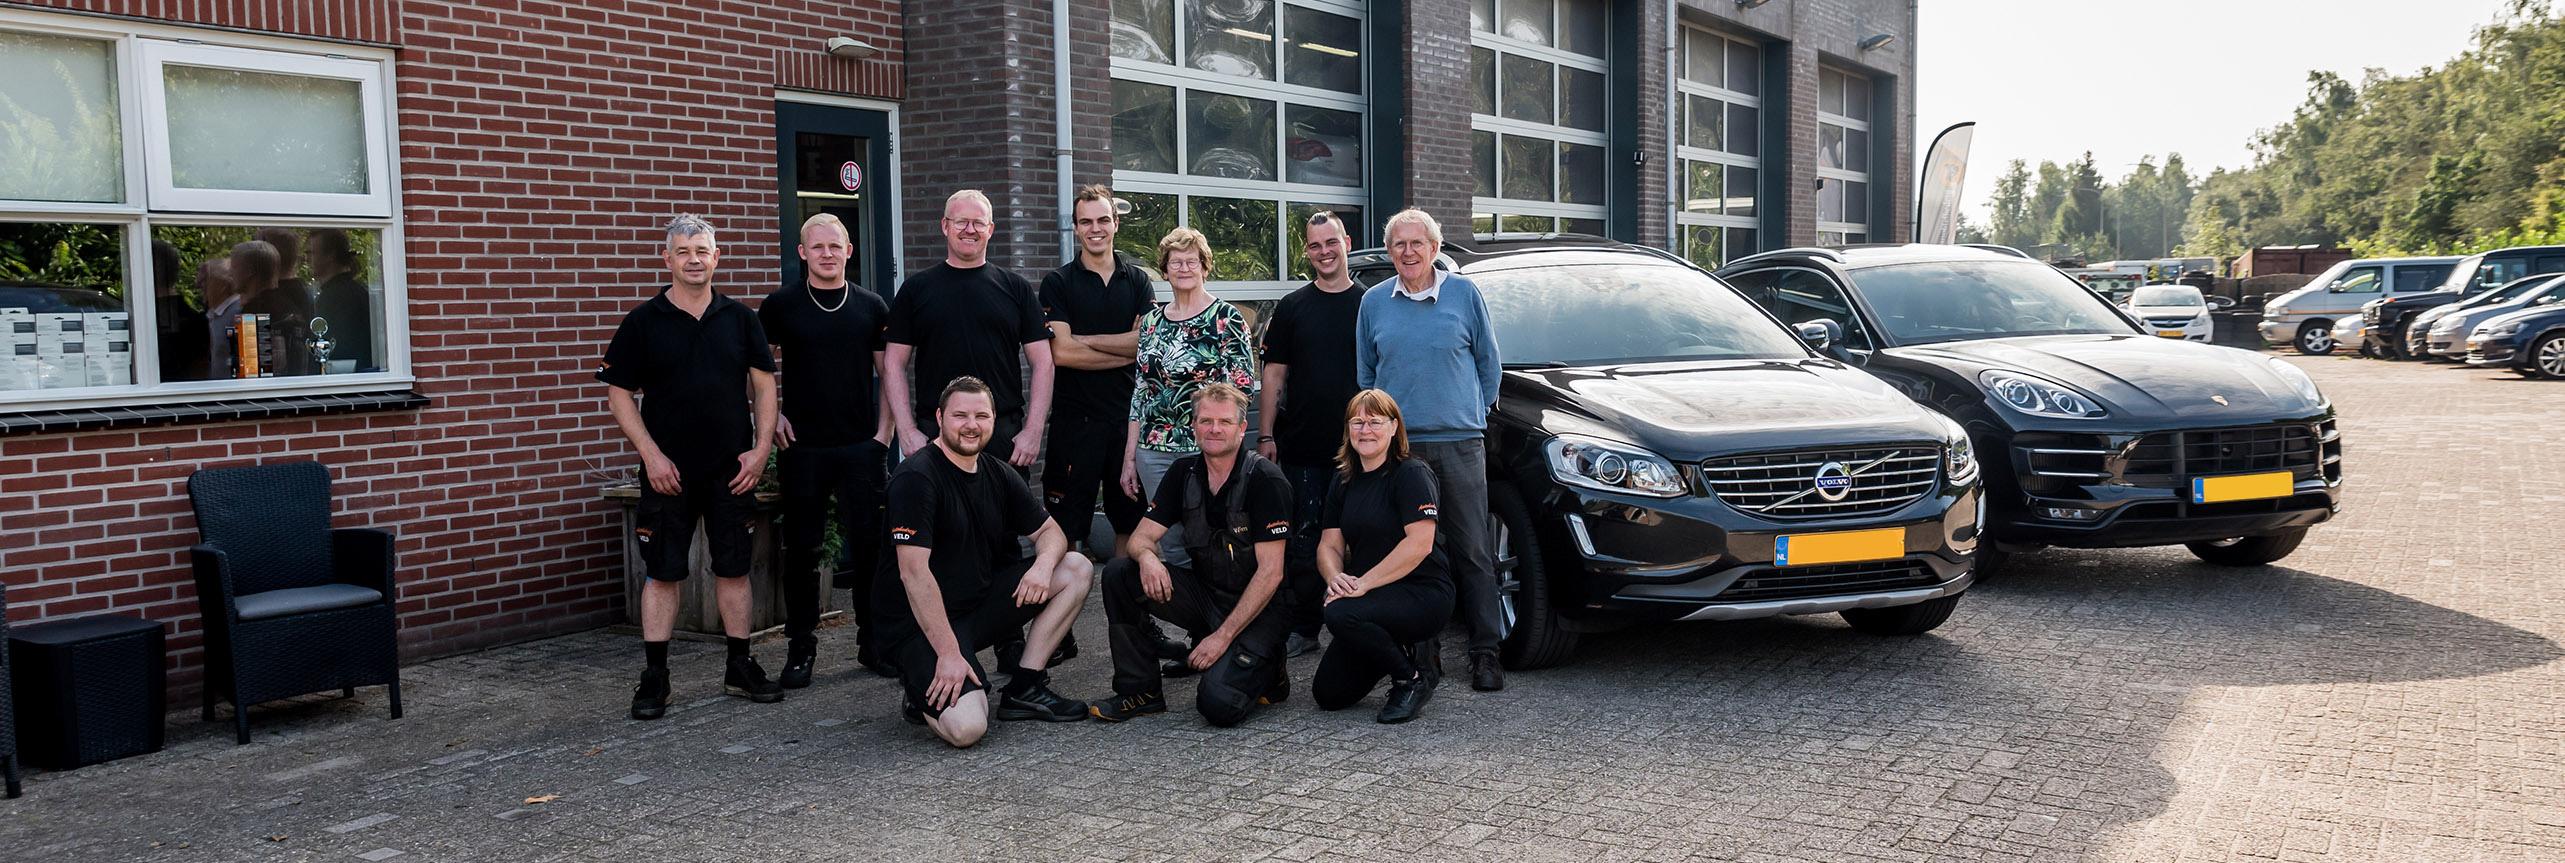 Het team van familiebedrijf Autobedrijf Veld in Steenwijk Kallenkote